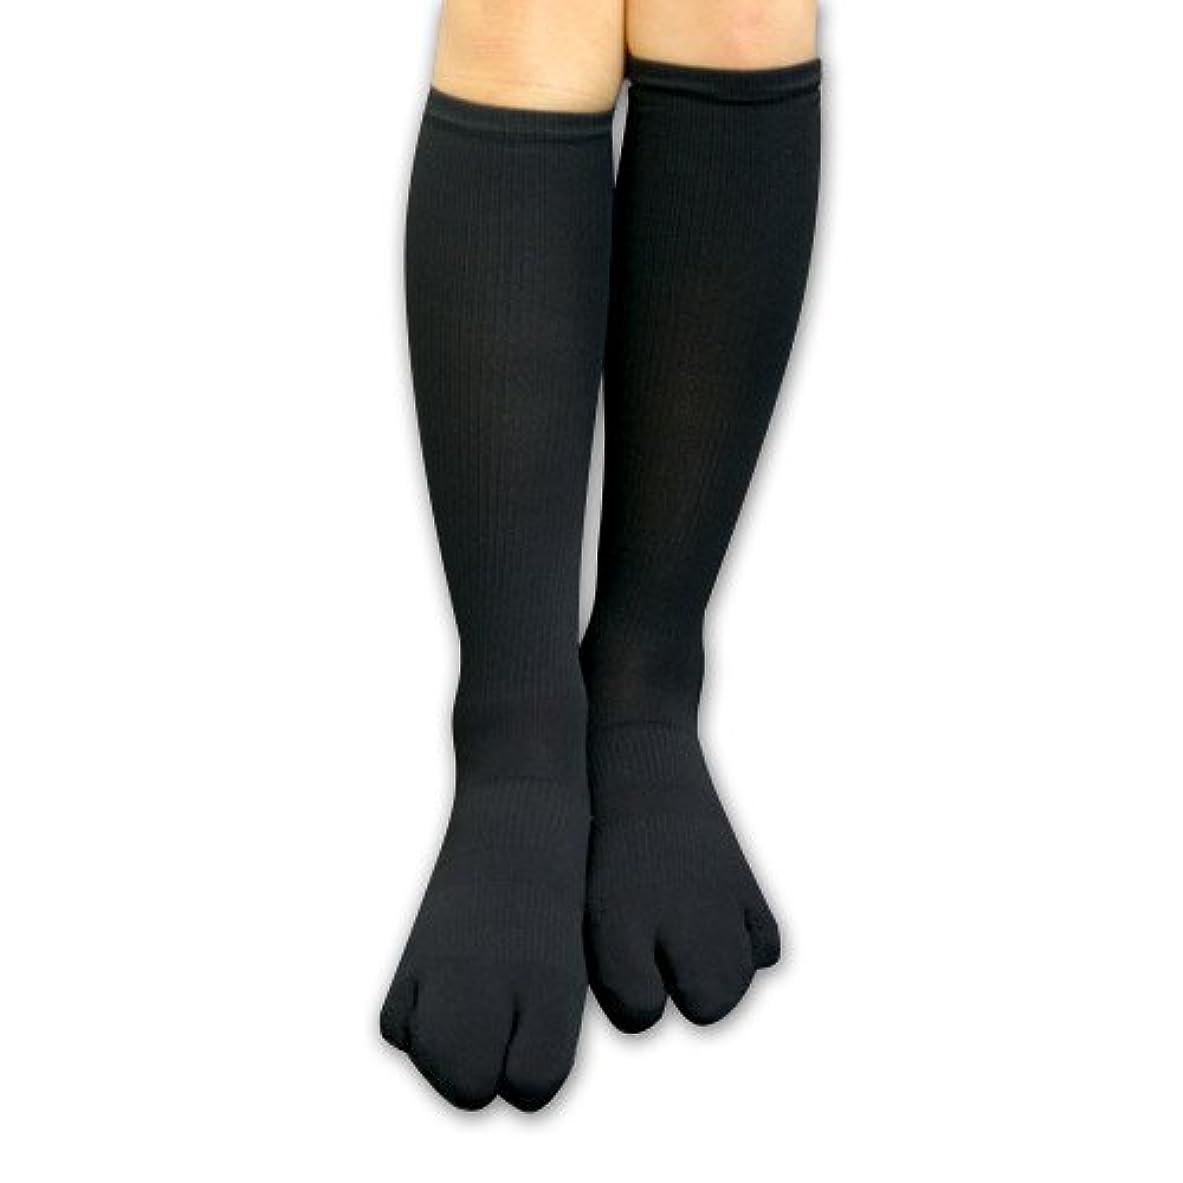 しおれたコマンド教育学カサハラ外反母趾?浮き指対策あしやせ天国3本指テーピング靴下 ((L24-26cm))